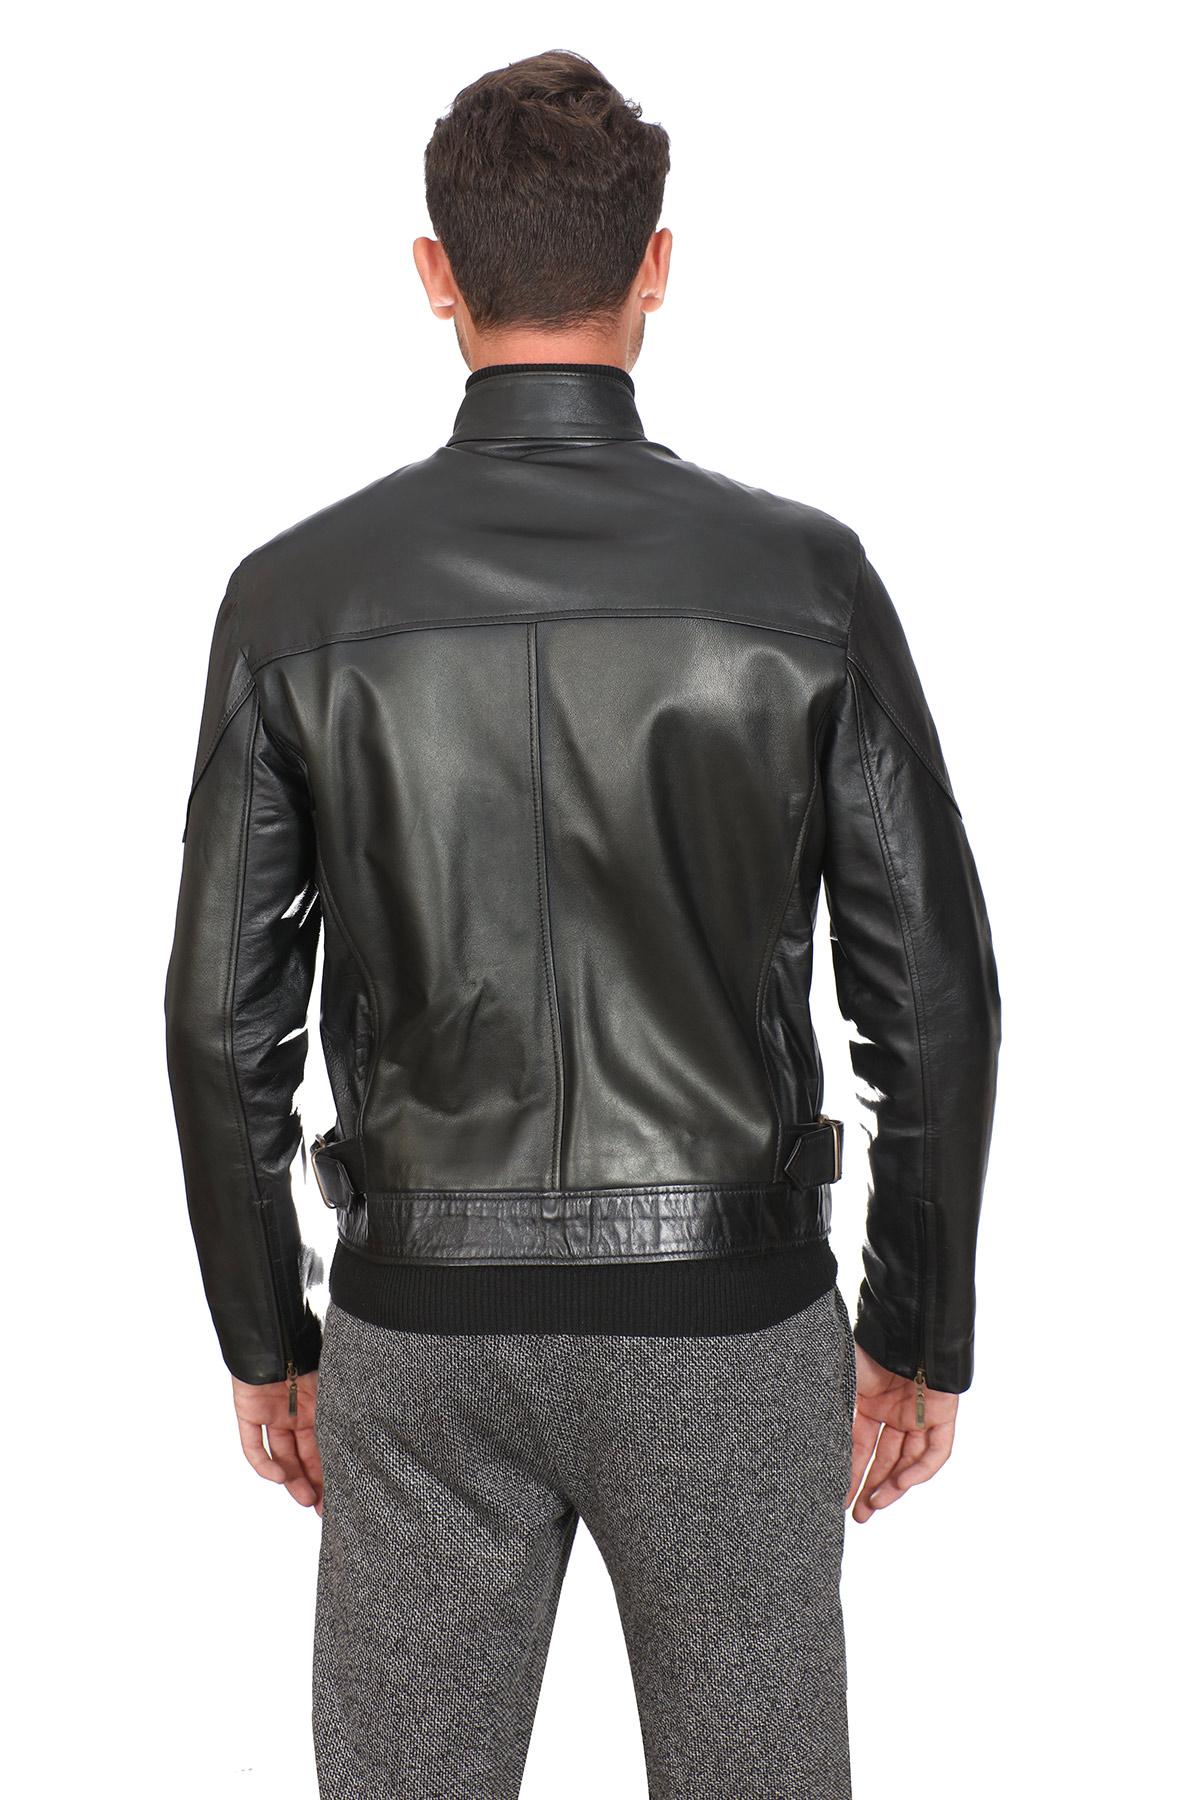 Nordstrom Leather Jacket Men's